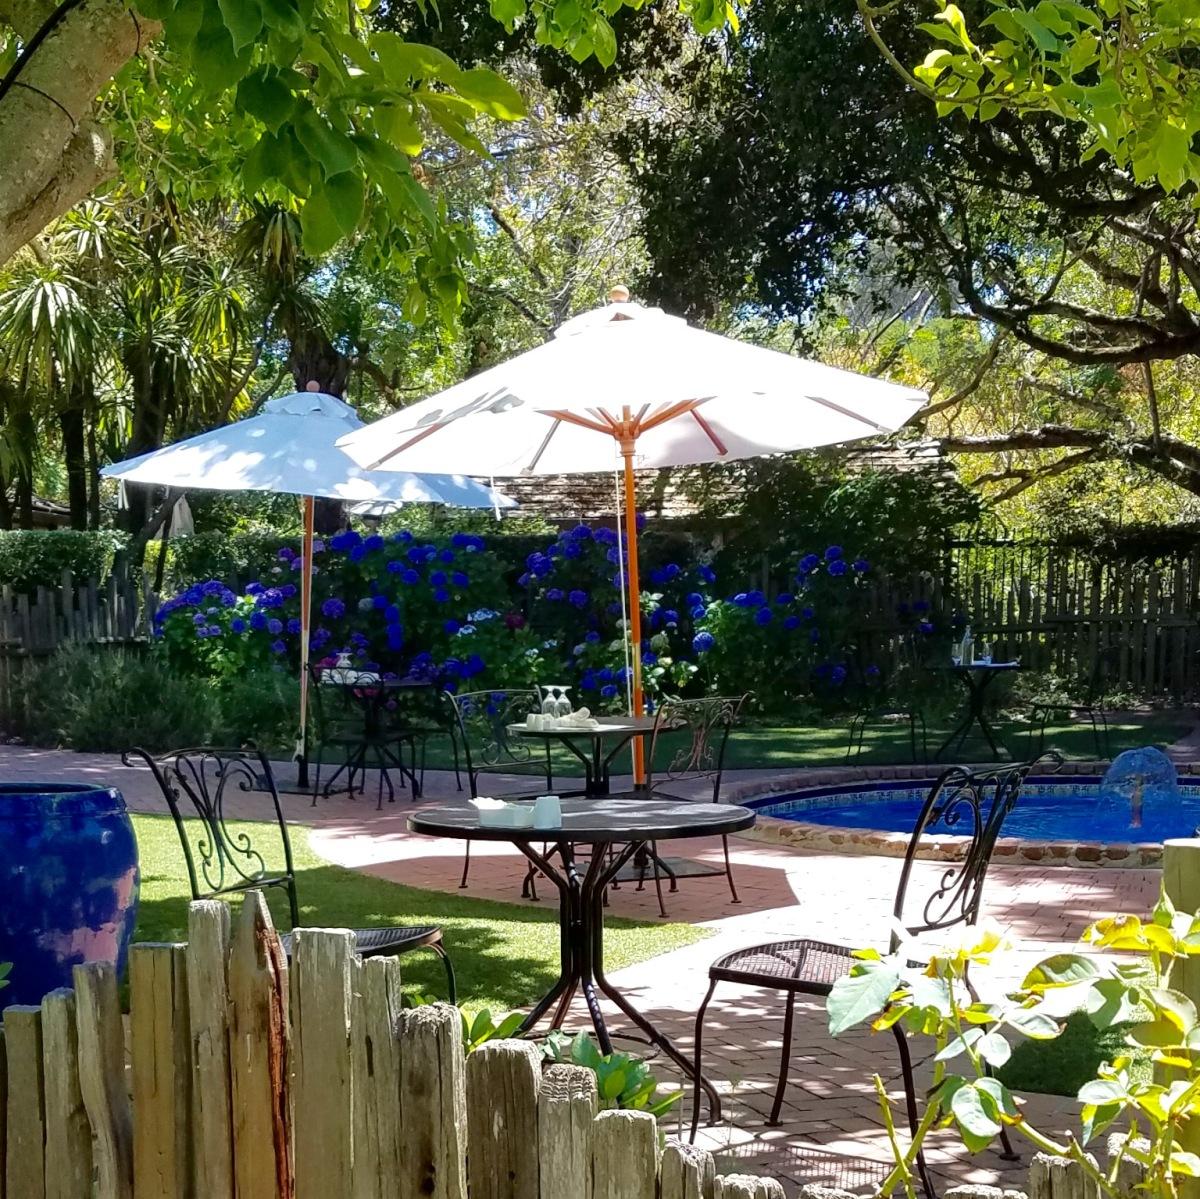 Allied Arts Blue Garden